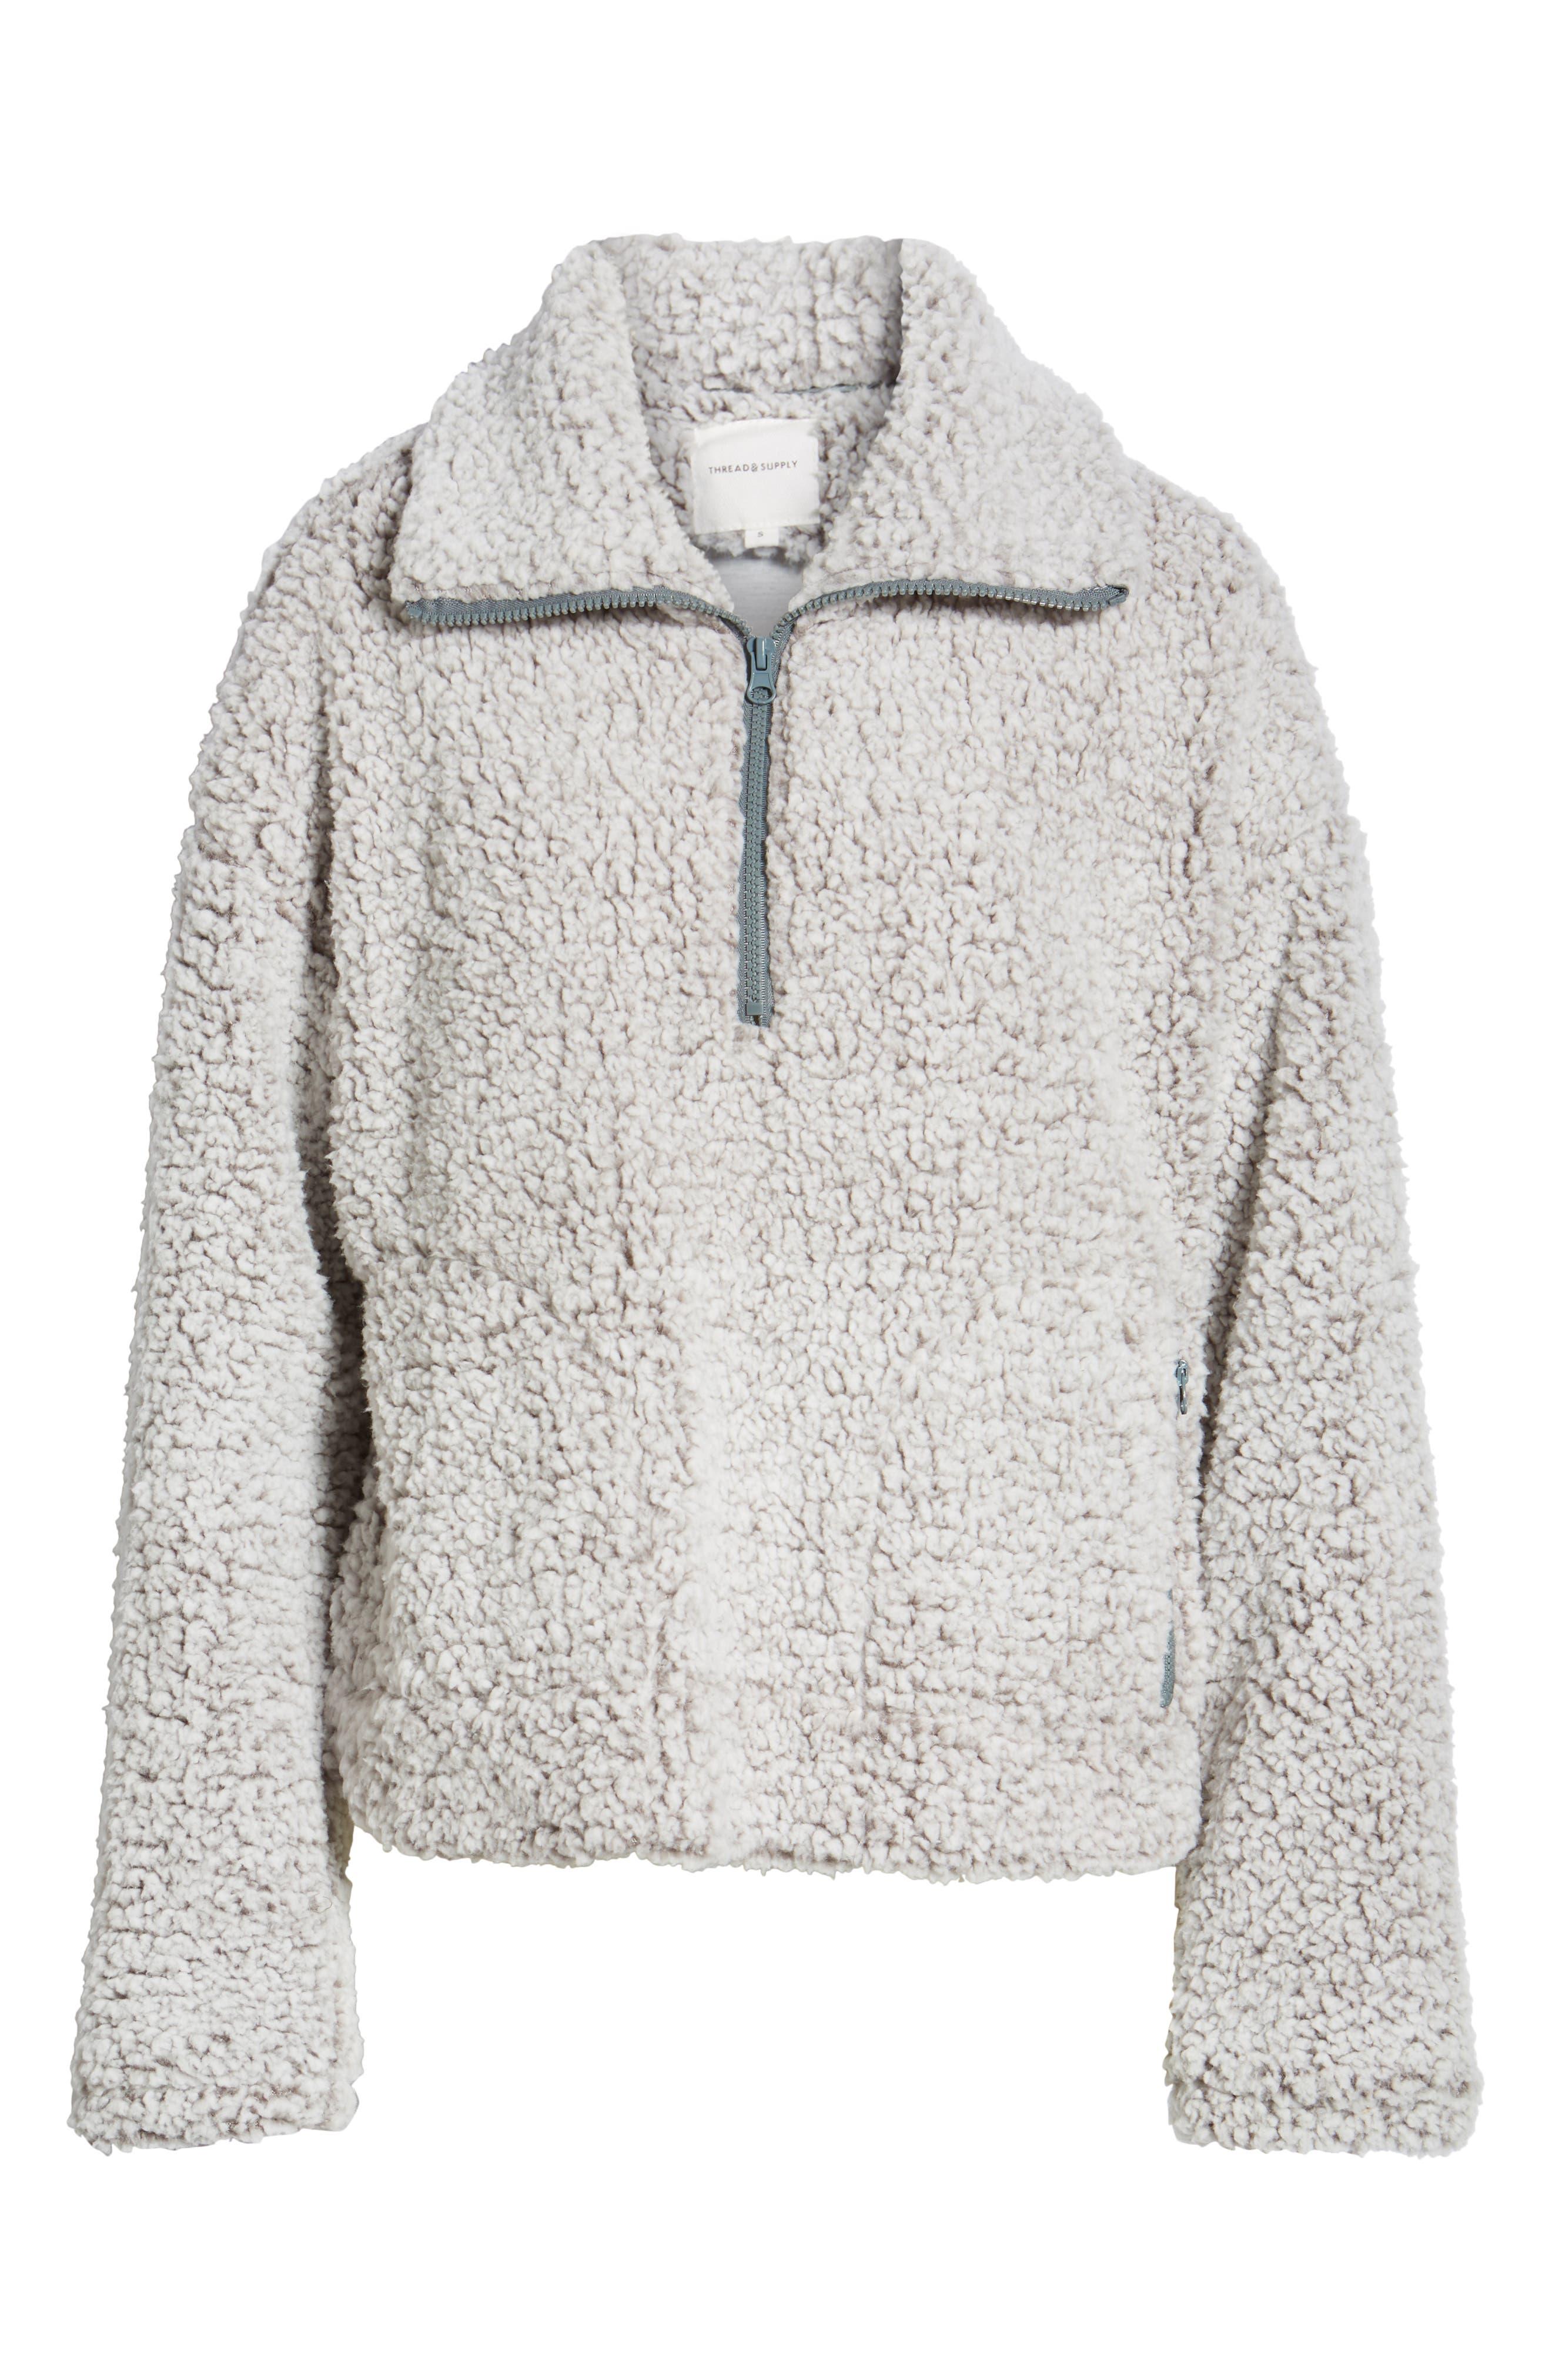 Quarter Zip Fleece Pullover,                             Alternate thumbnail 6, color,                             SILVER